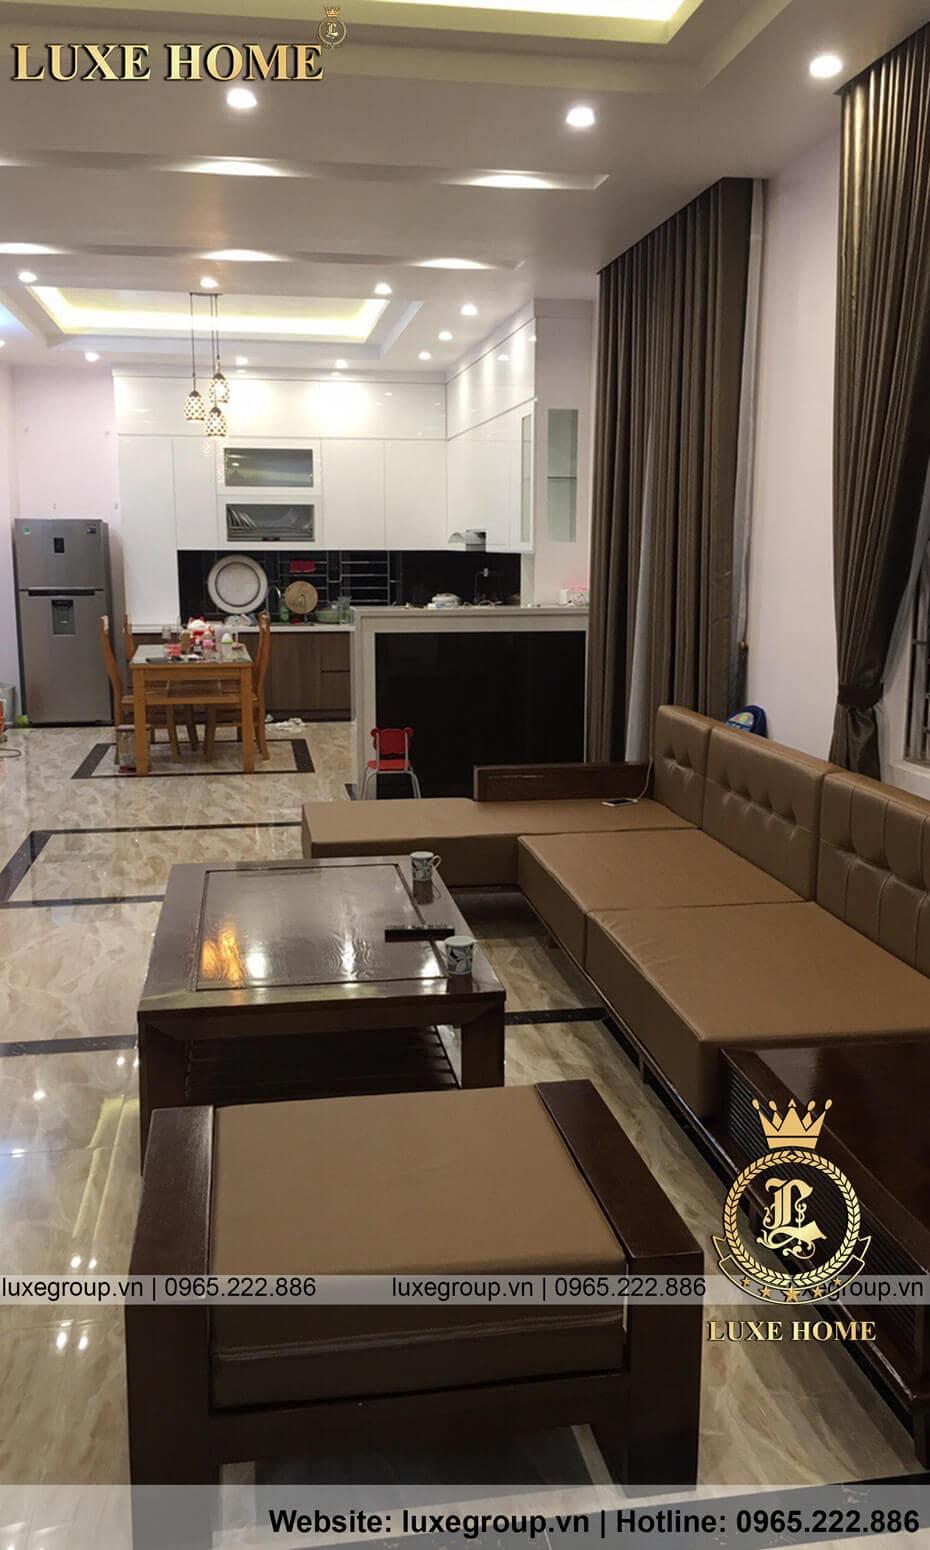 thiết kế nội thất phòng khách nt 2123 12